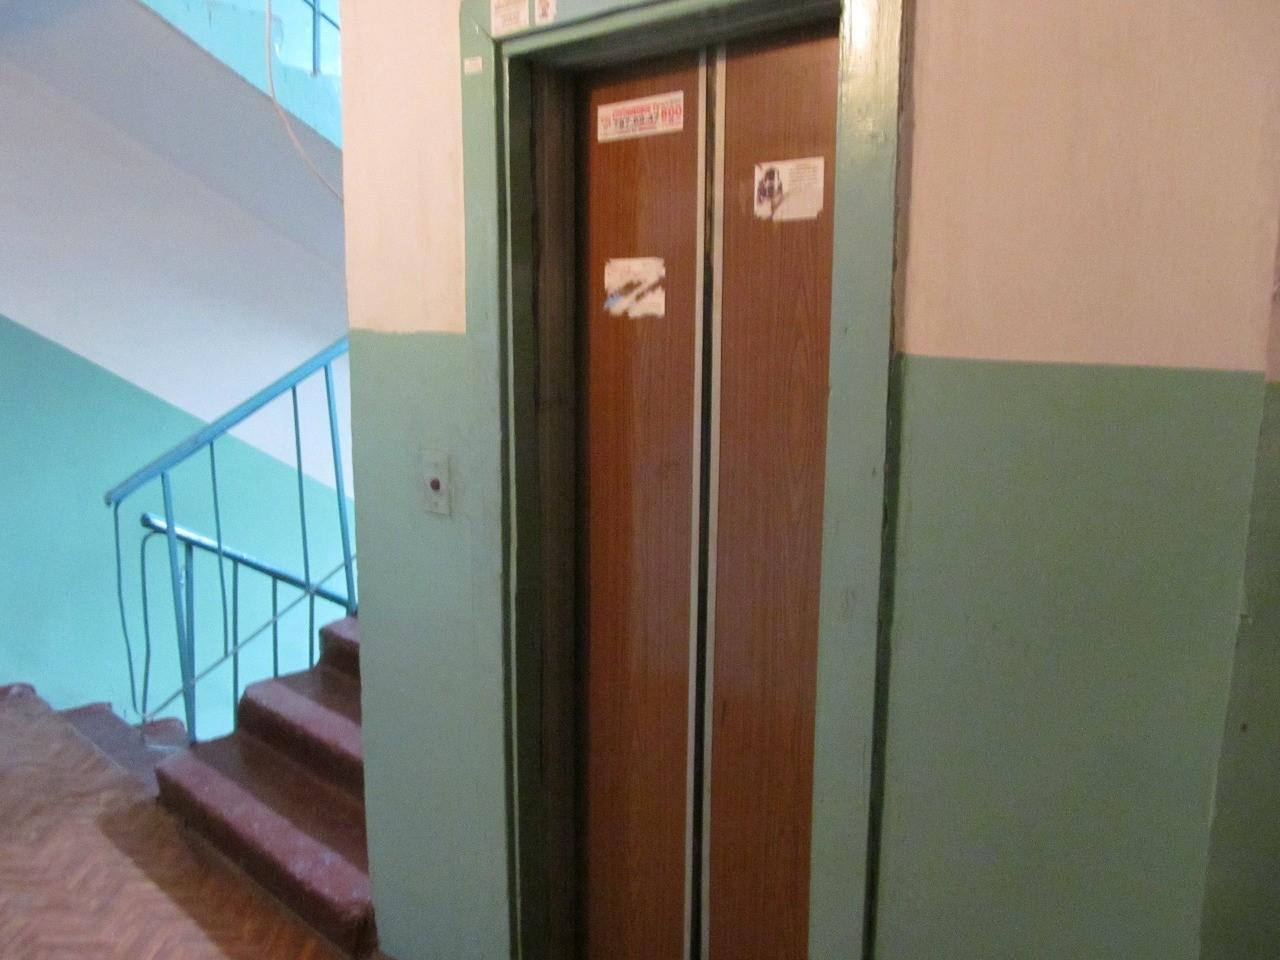 Борьба за лифты: кировского производителя хотят обанкротить